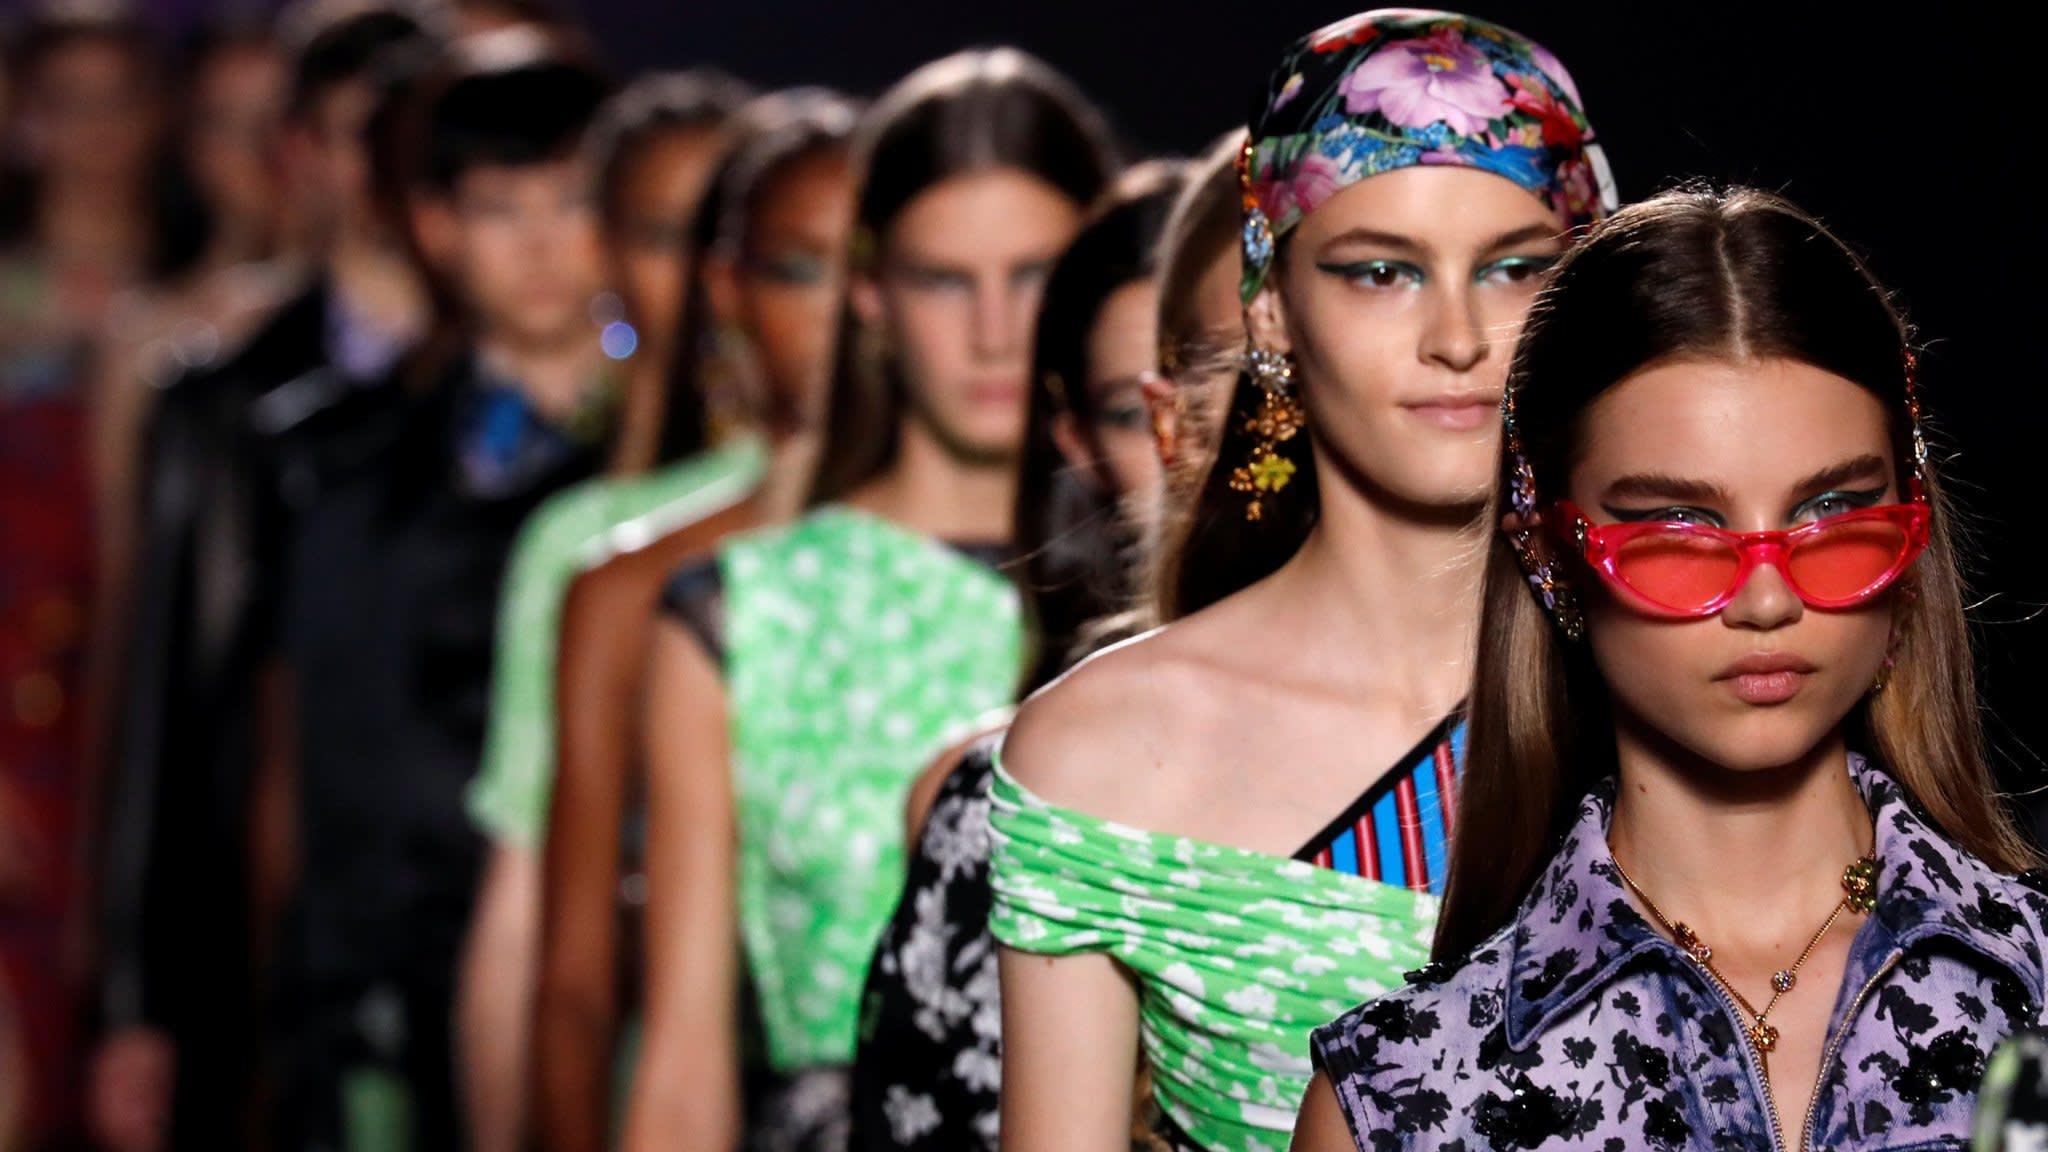 Michael Kors set to buy Versace in $2bn deal